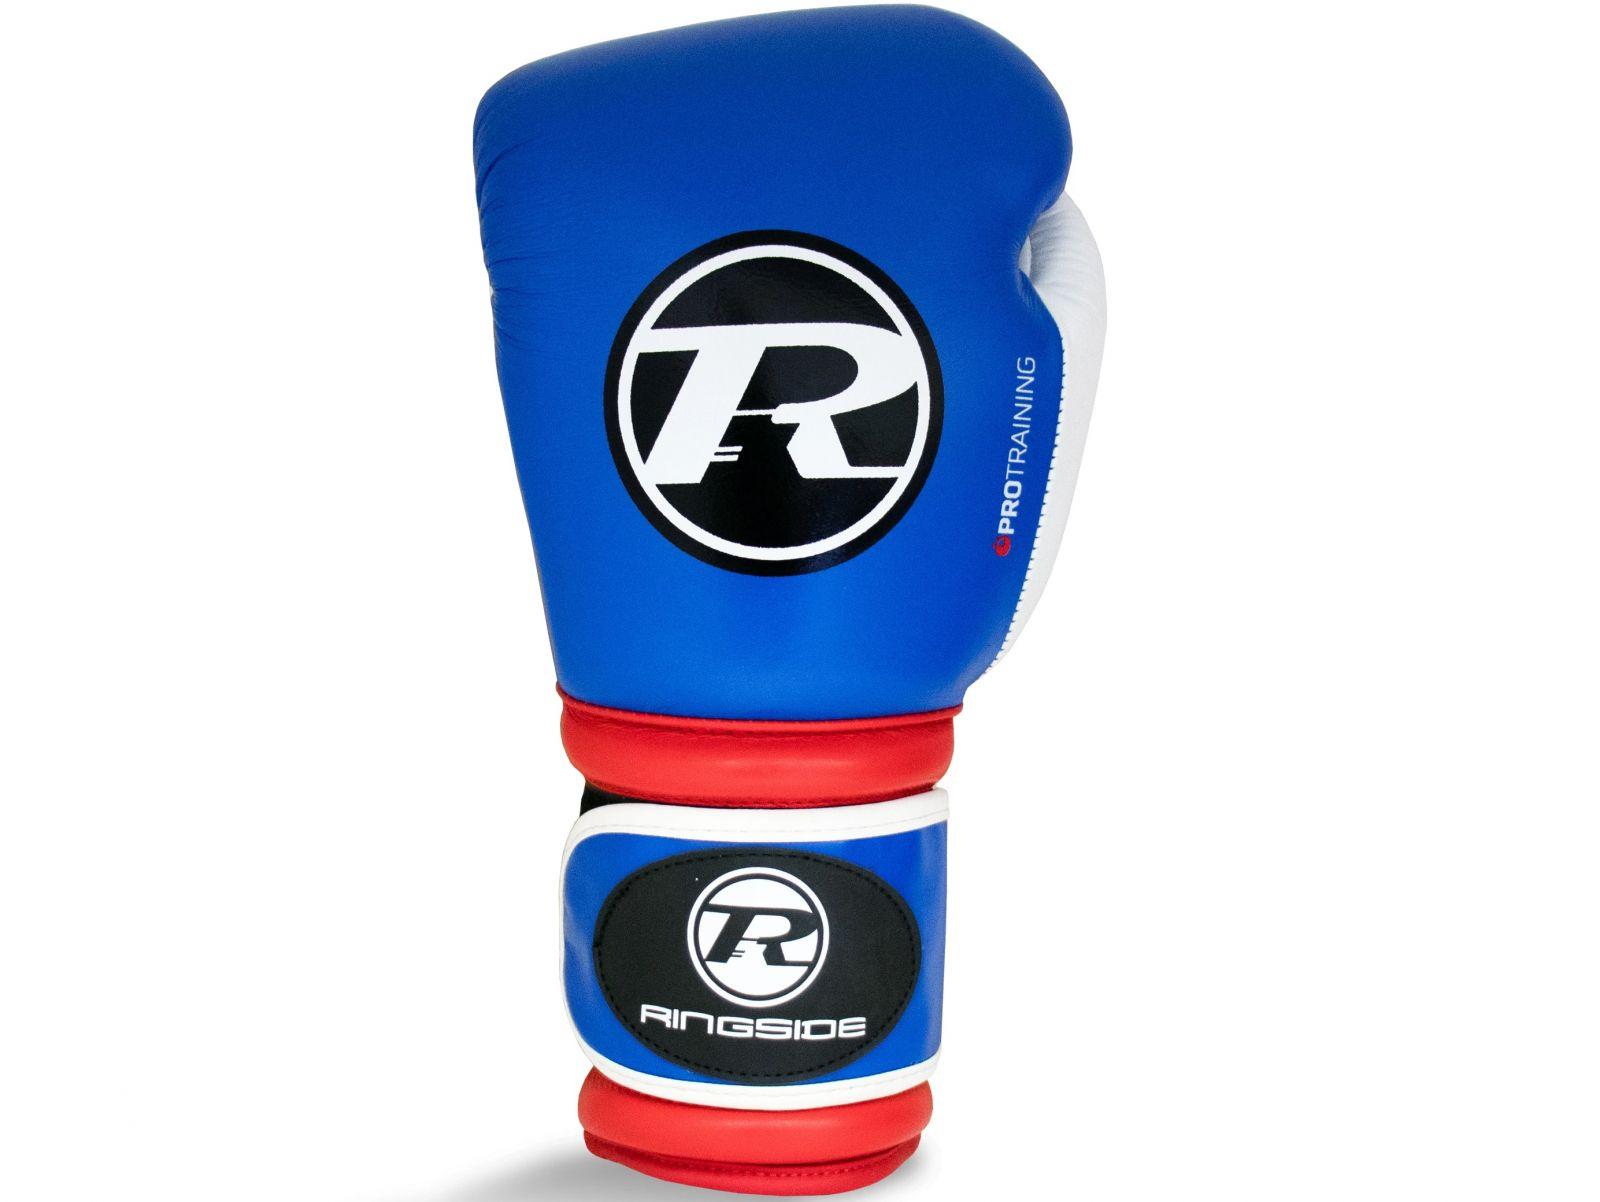 RINGSIDE Boxerské rukavice Pro Training G1 (16oz) - modrá/červená